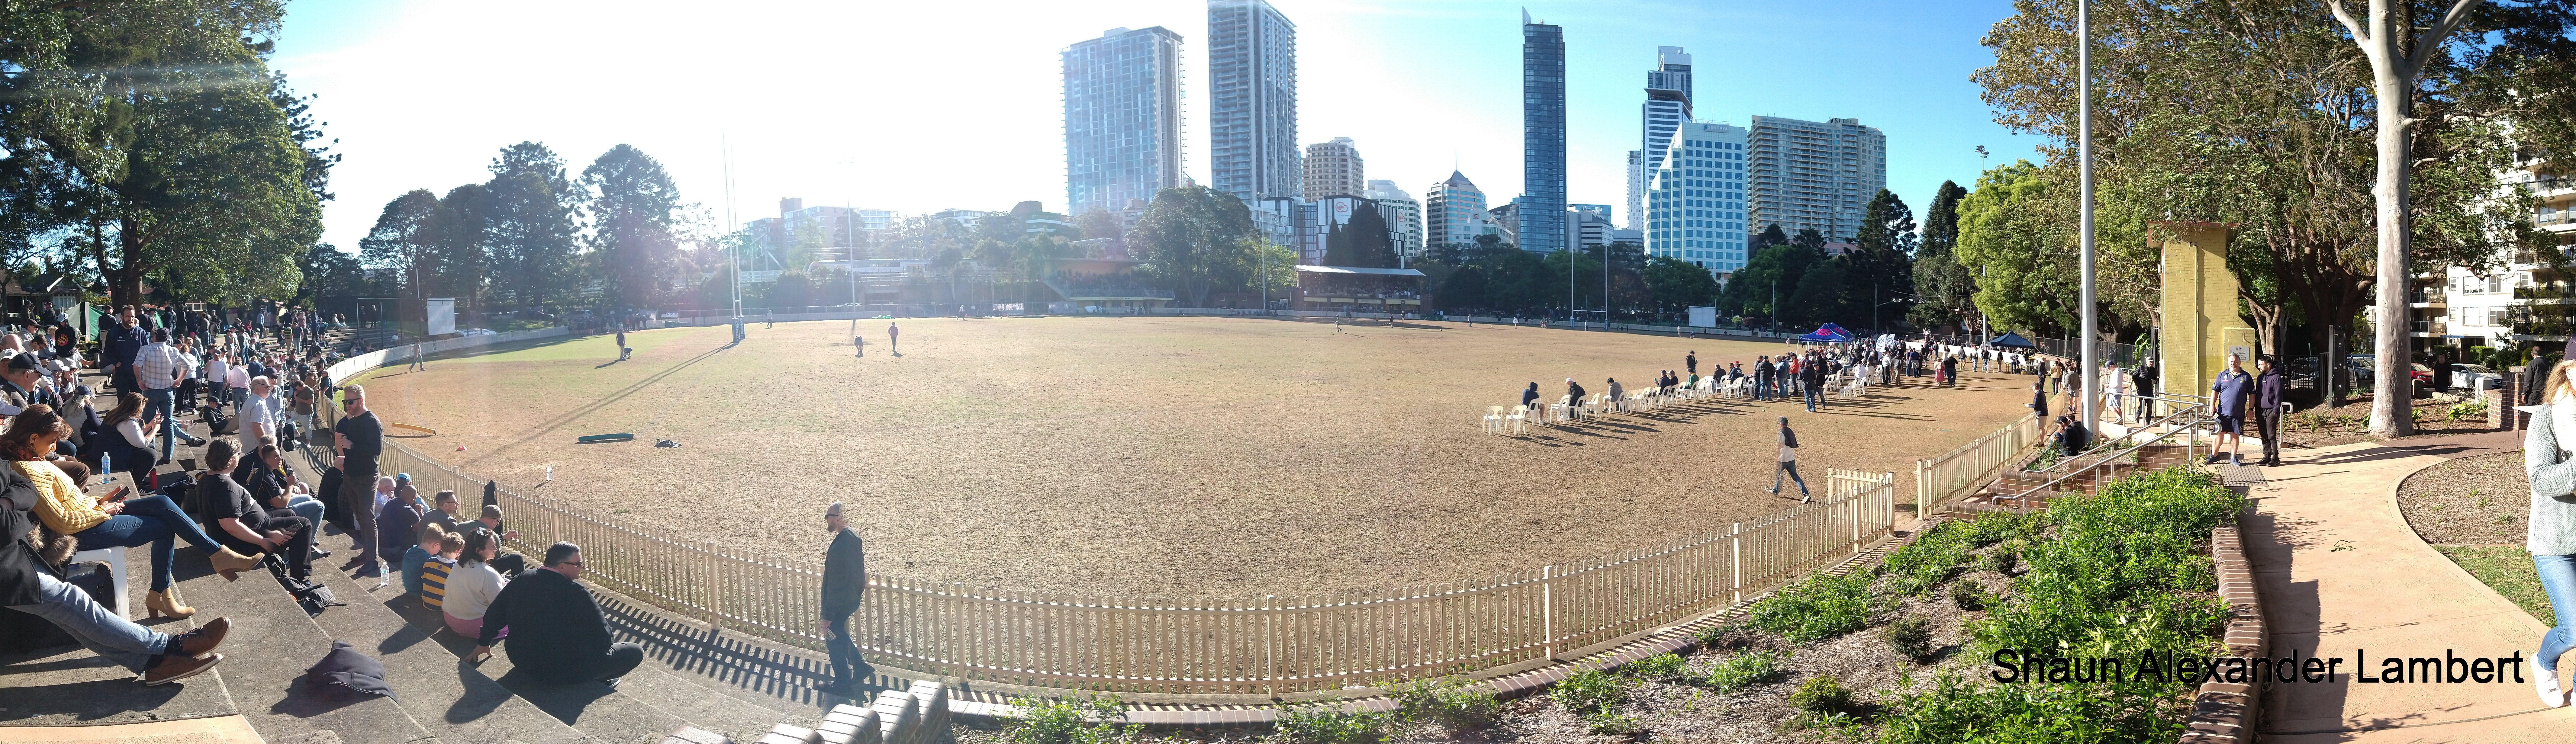 Gordon v Sydney University, Chatswood Oval in the brilliant sunshine